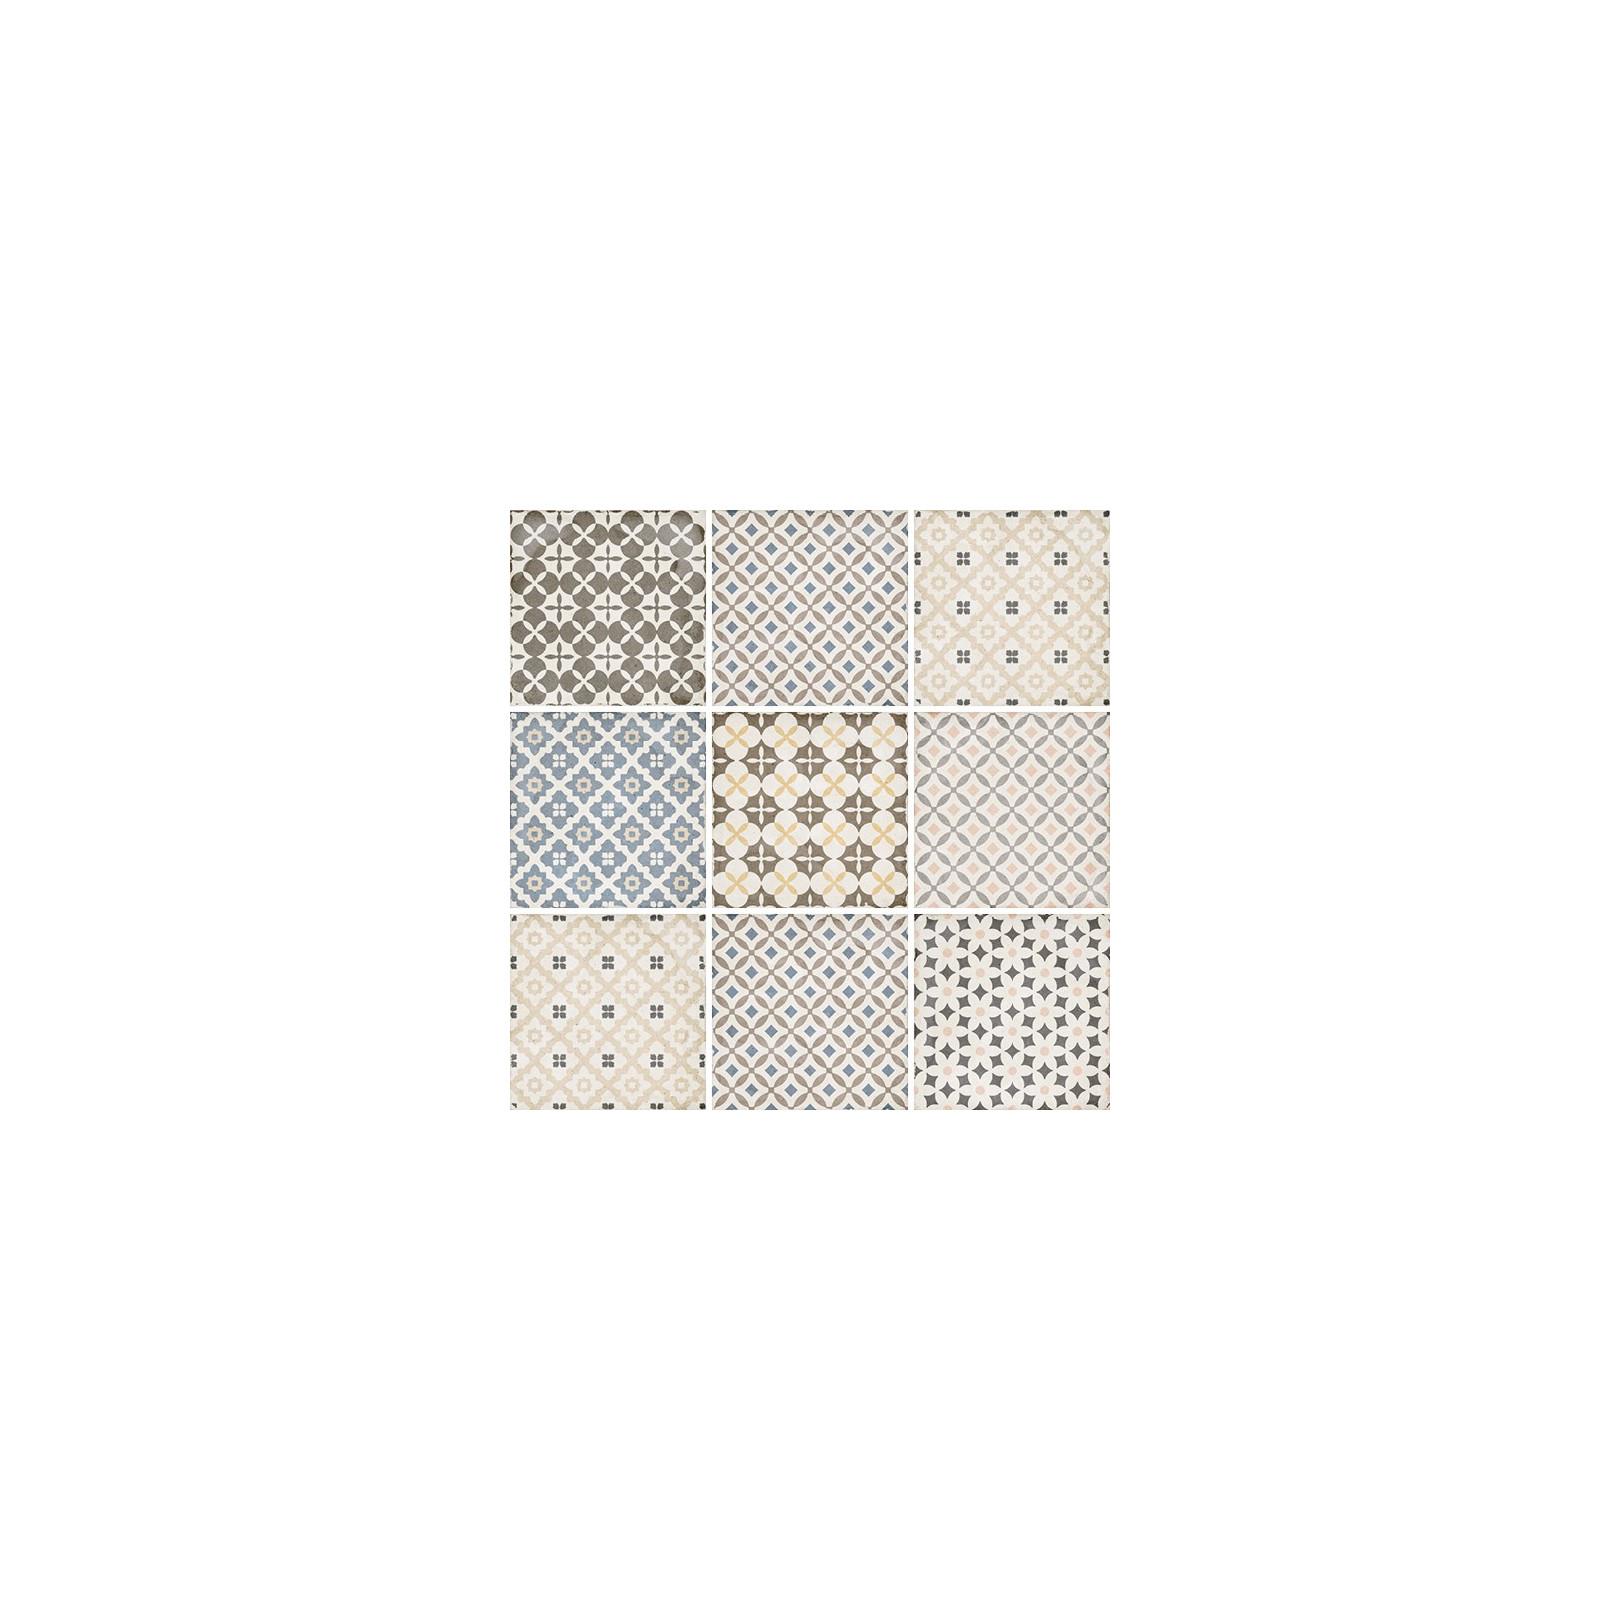 Carrelage Gres Cerame Effet Carreau Ciment Art Nouveau Colour Alameda 20x20cm Casalux Home Design